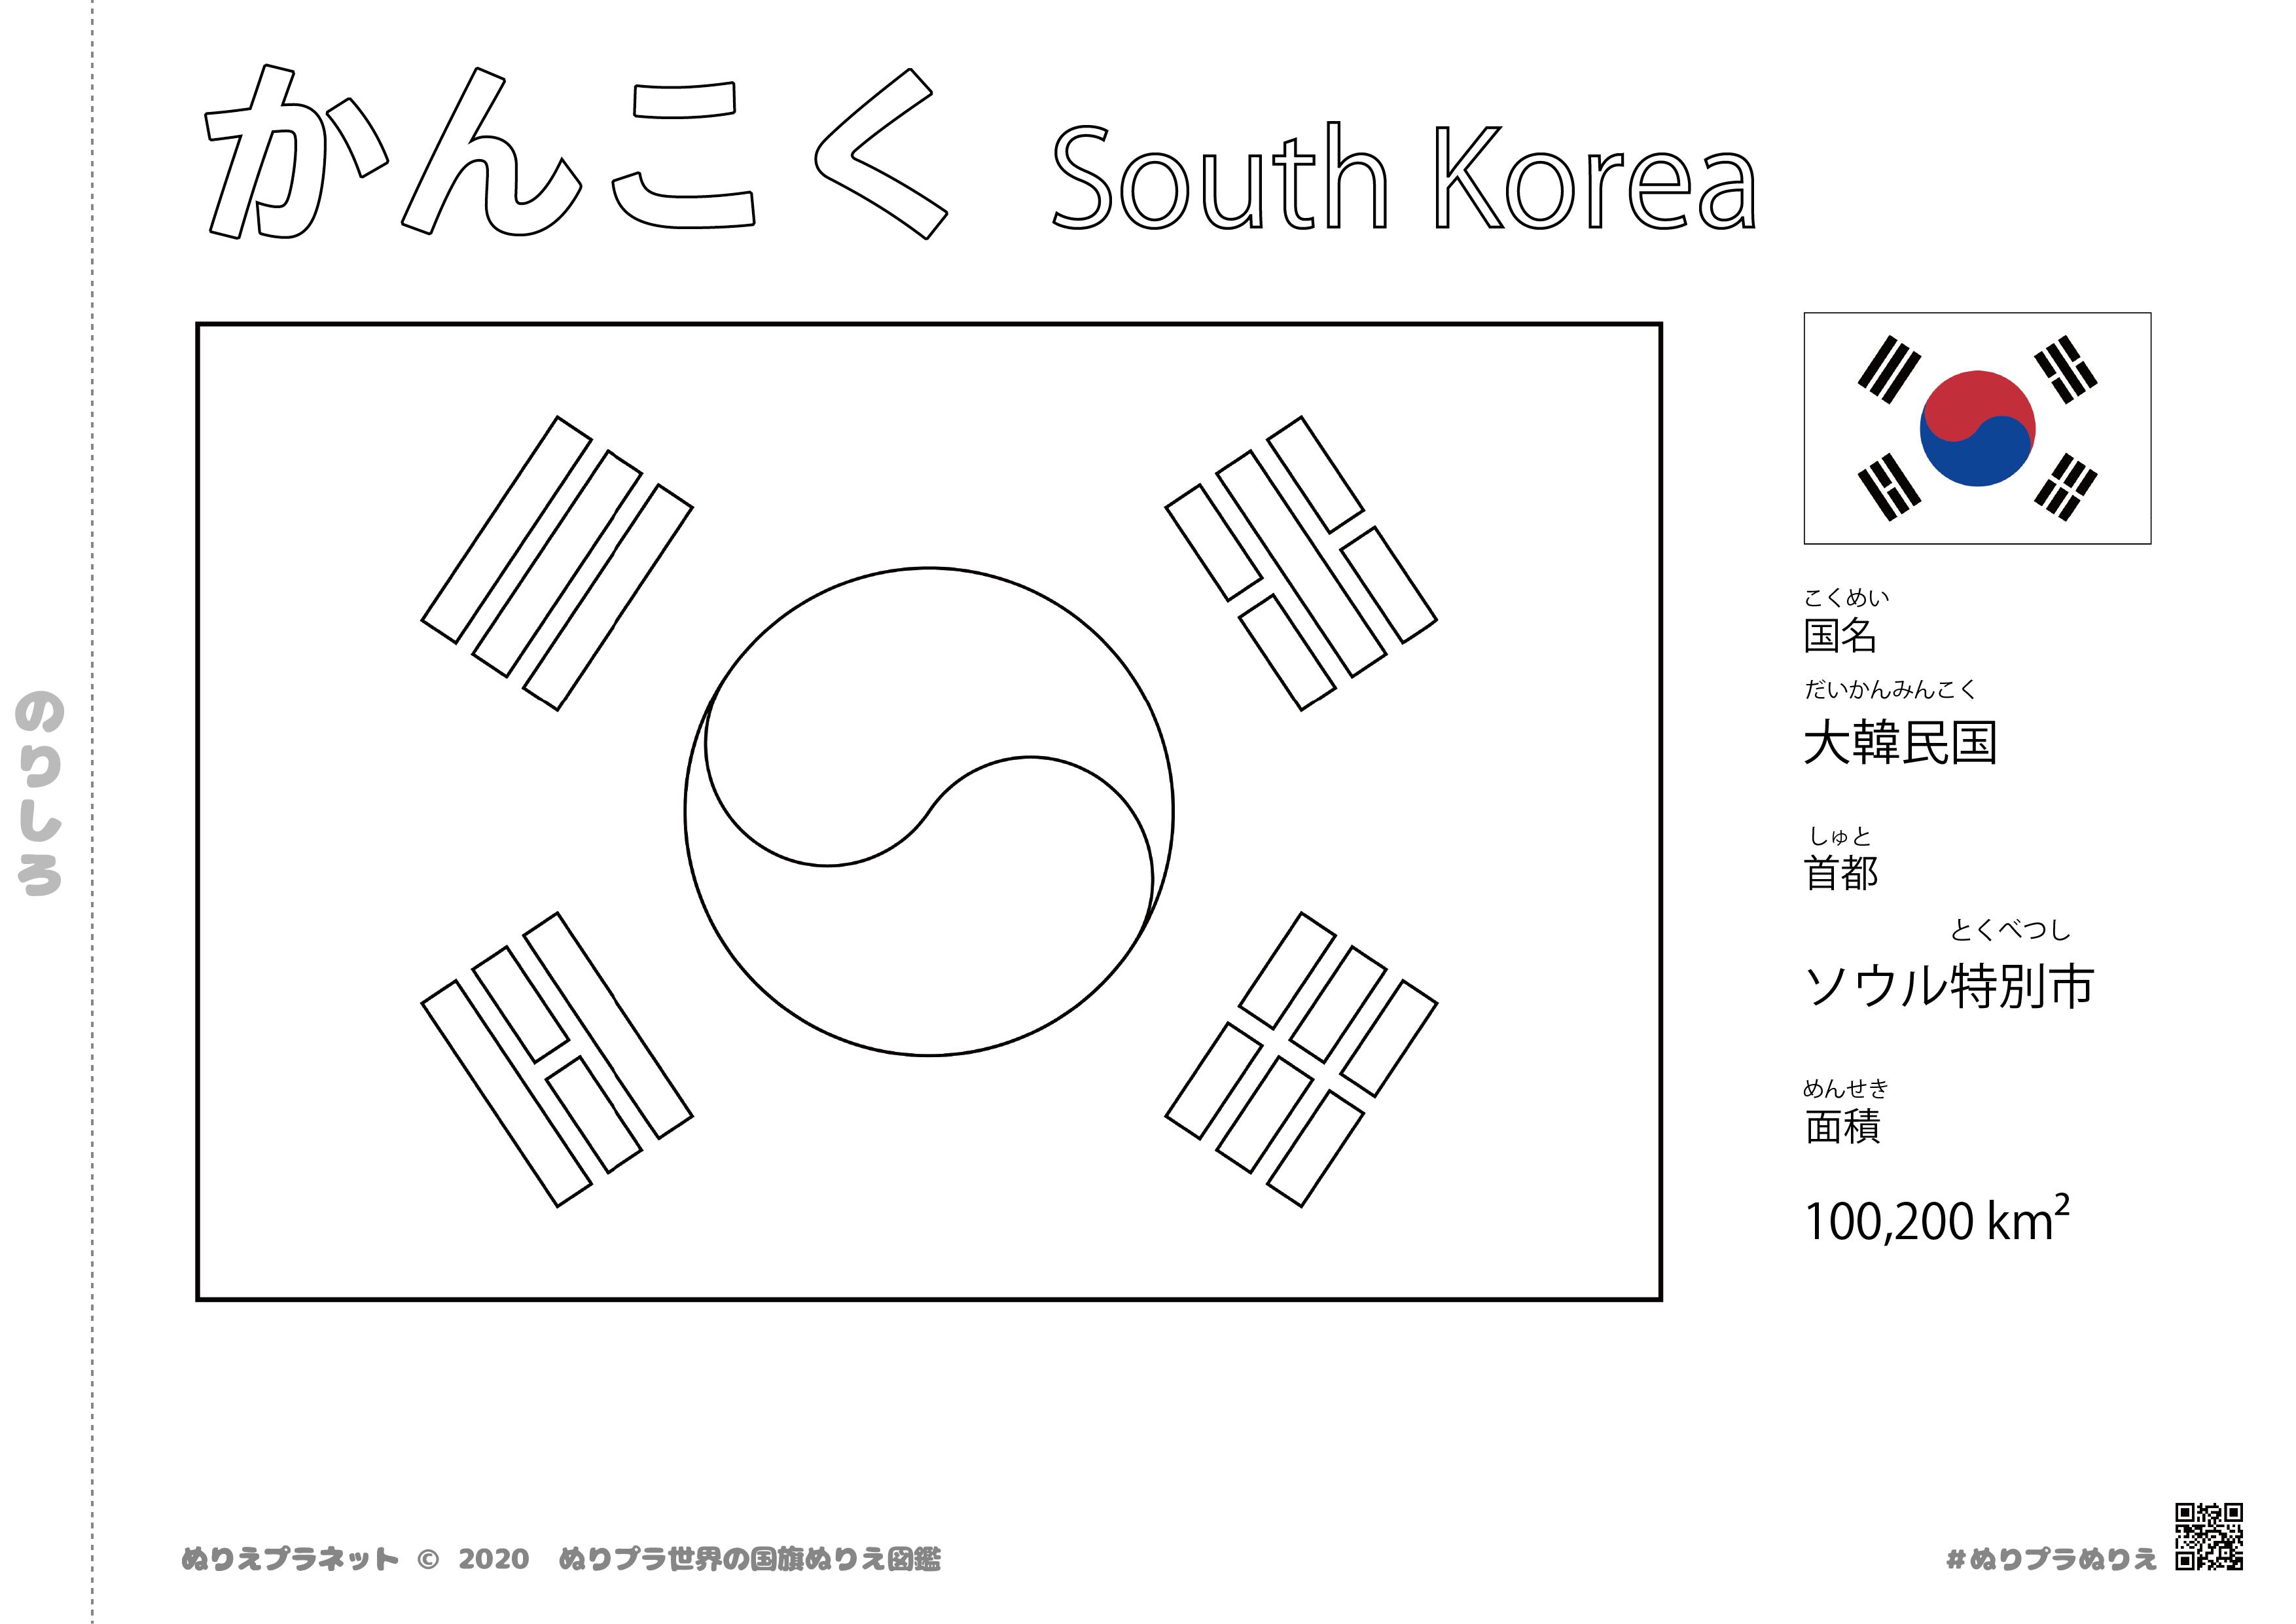 世界の国旗ぬりえ図鑑シリーズの韓国の国旗です。